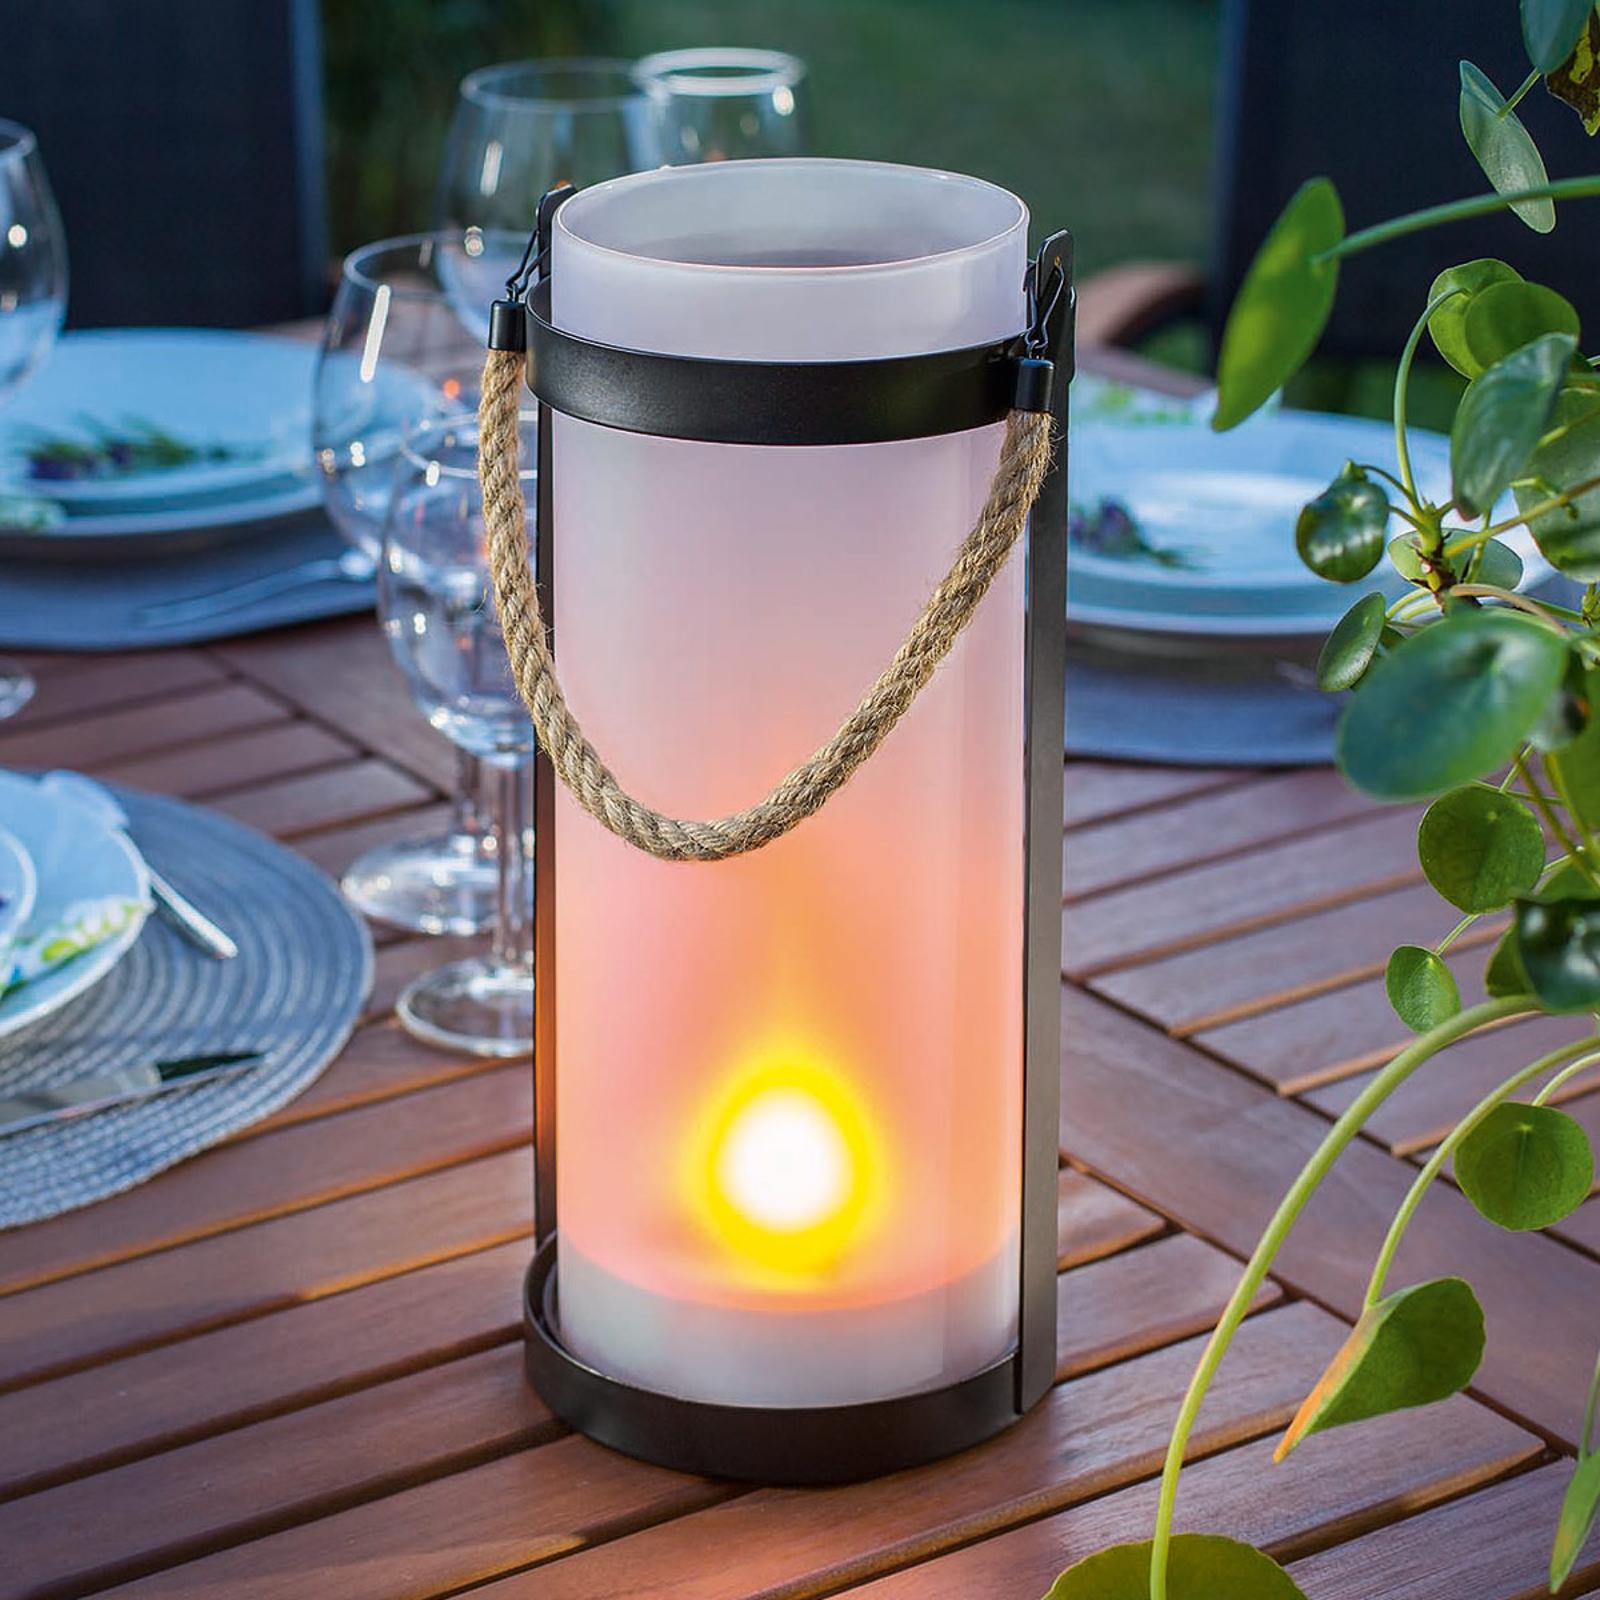 Lampa solarna Jasmin z efektem płomienia